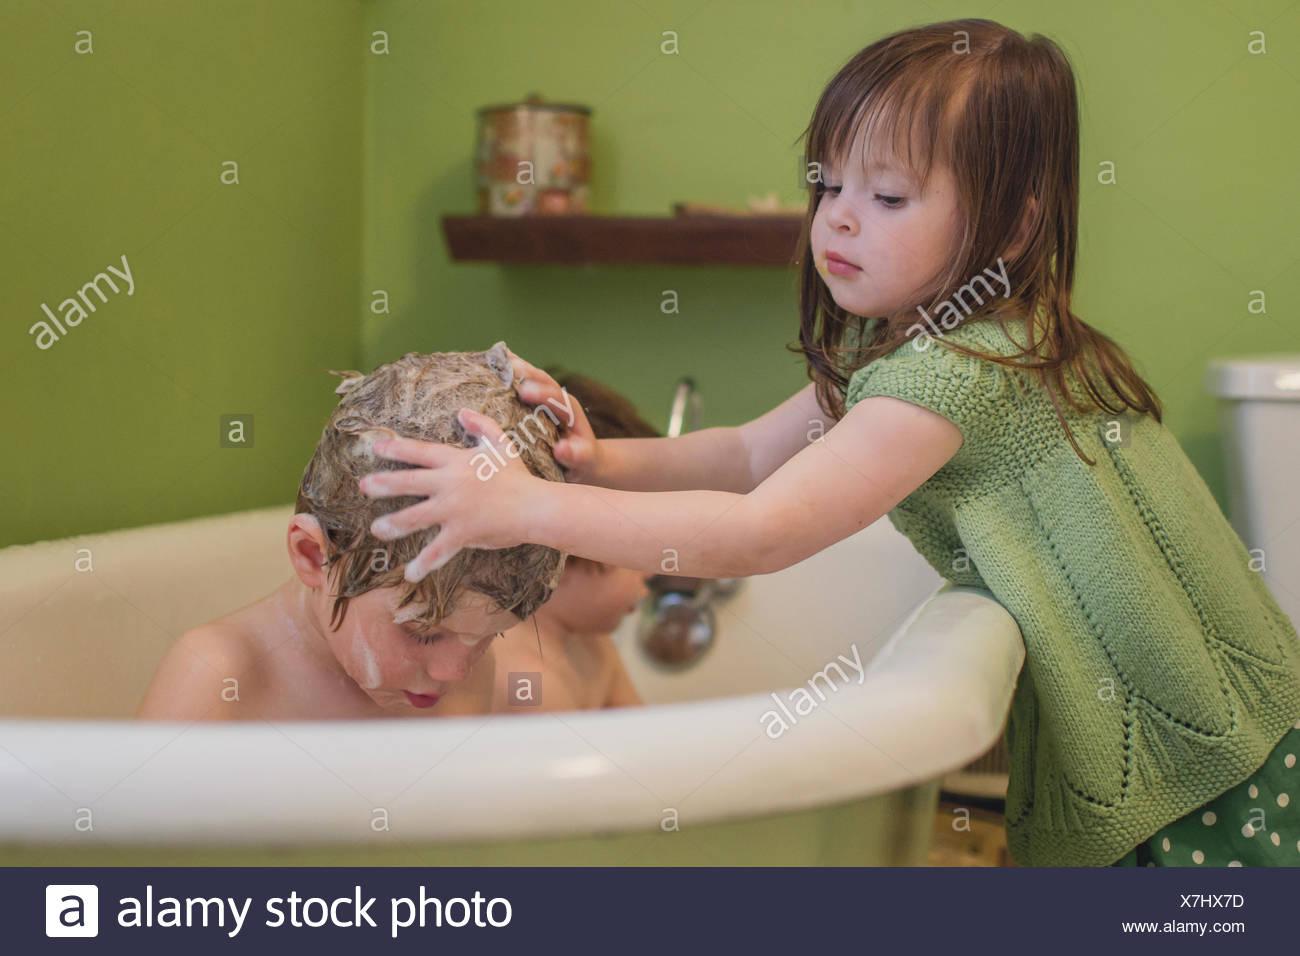 Ragazza ragazzo di lavaggio dei capelli Immagini Stock